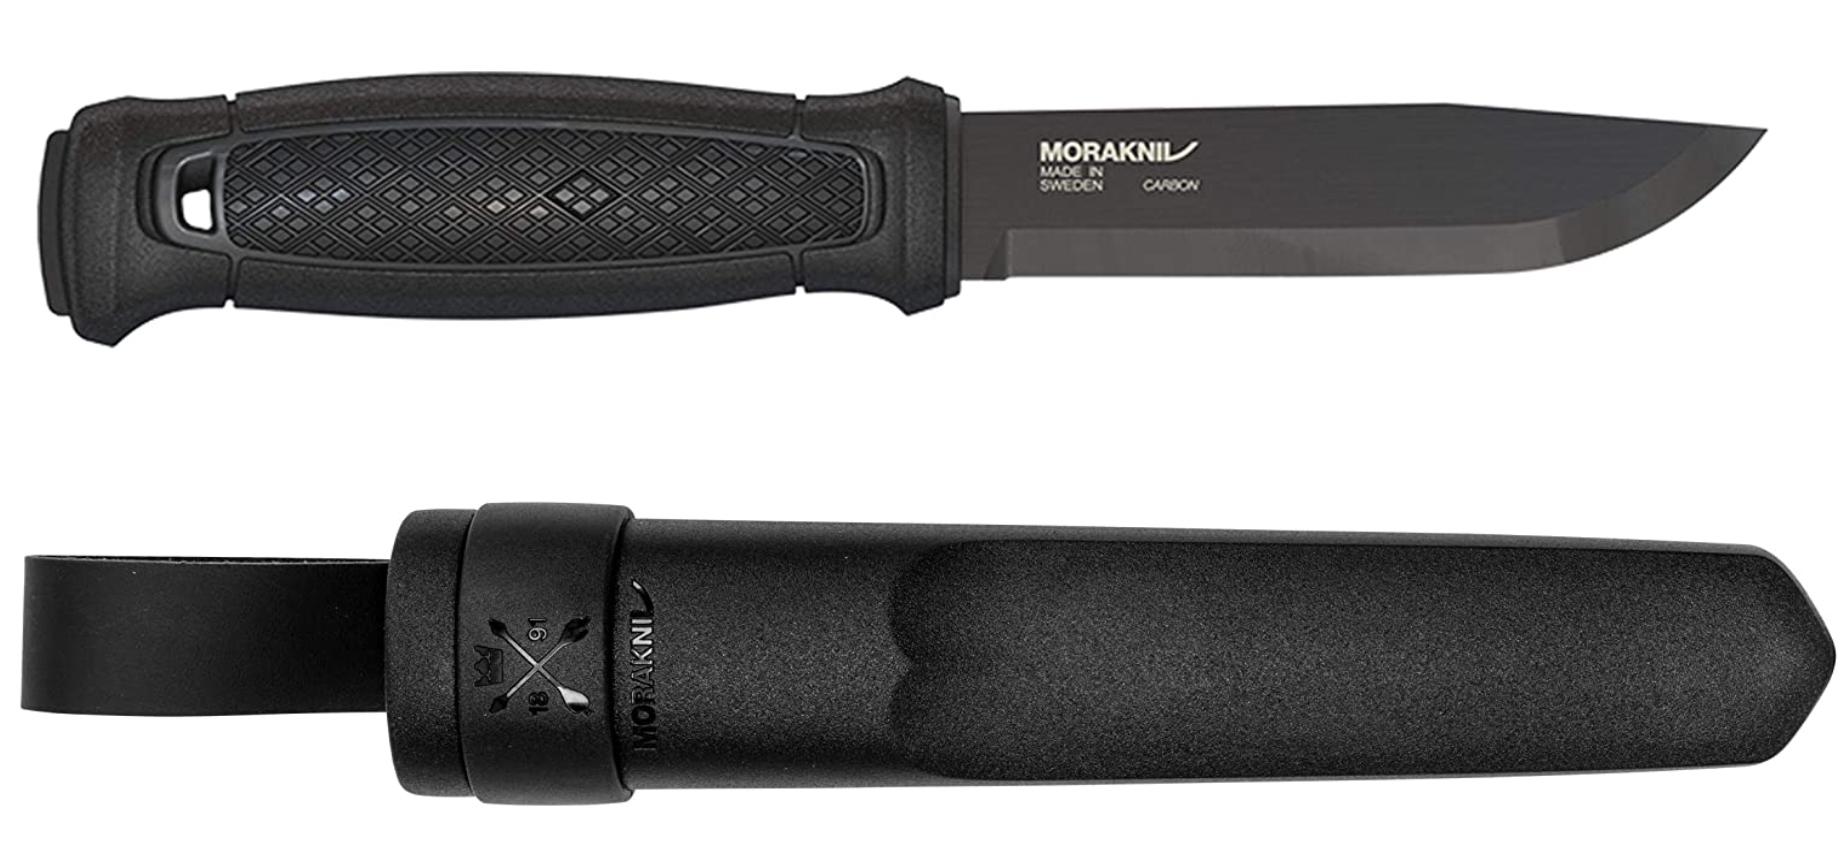 The all black Morkaniv Garberg knife and sheath